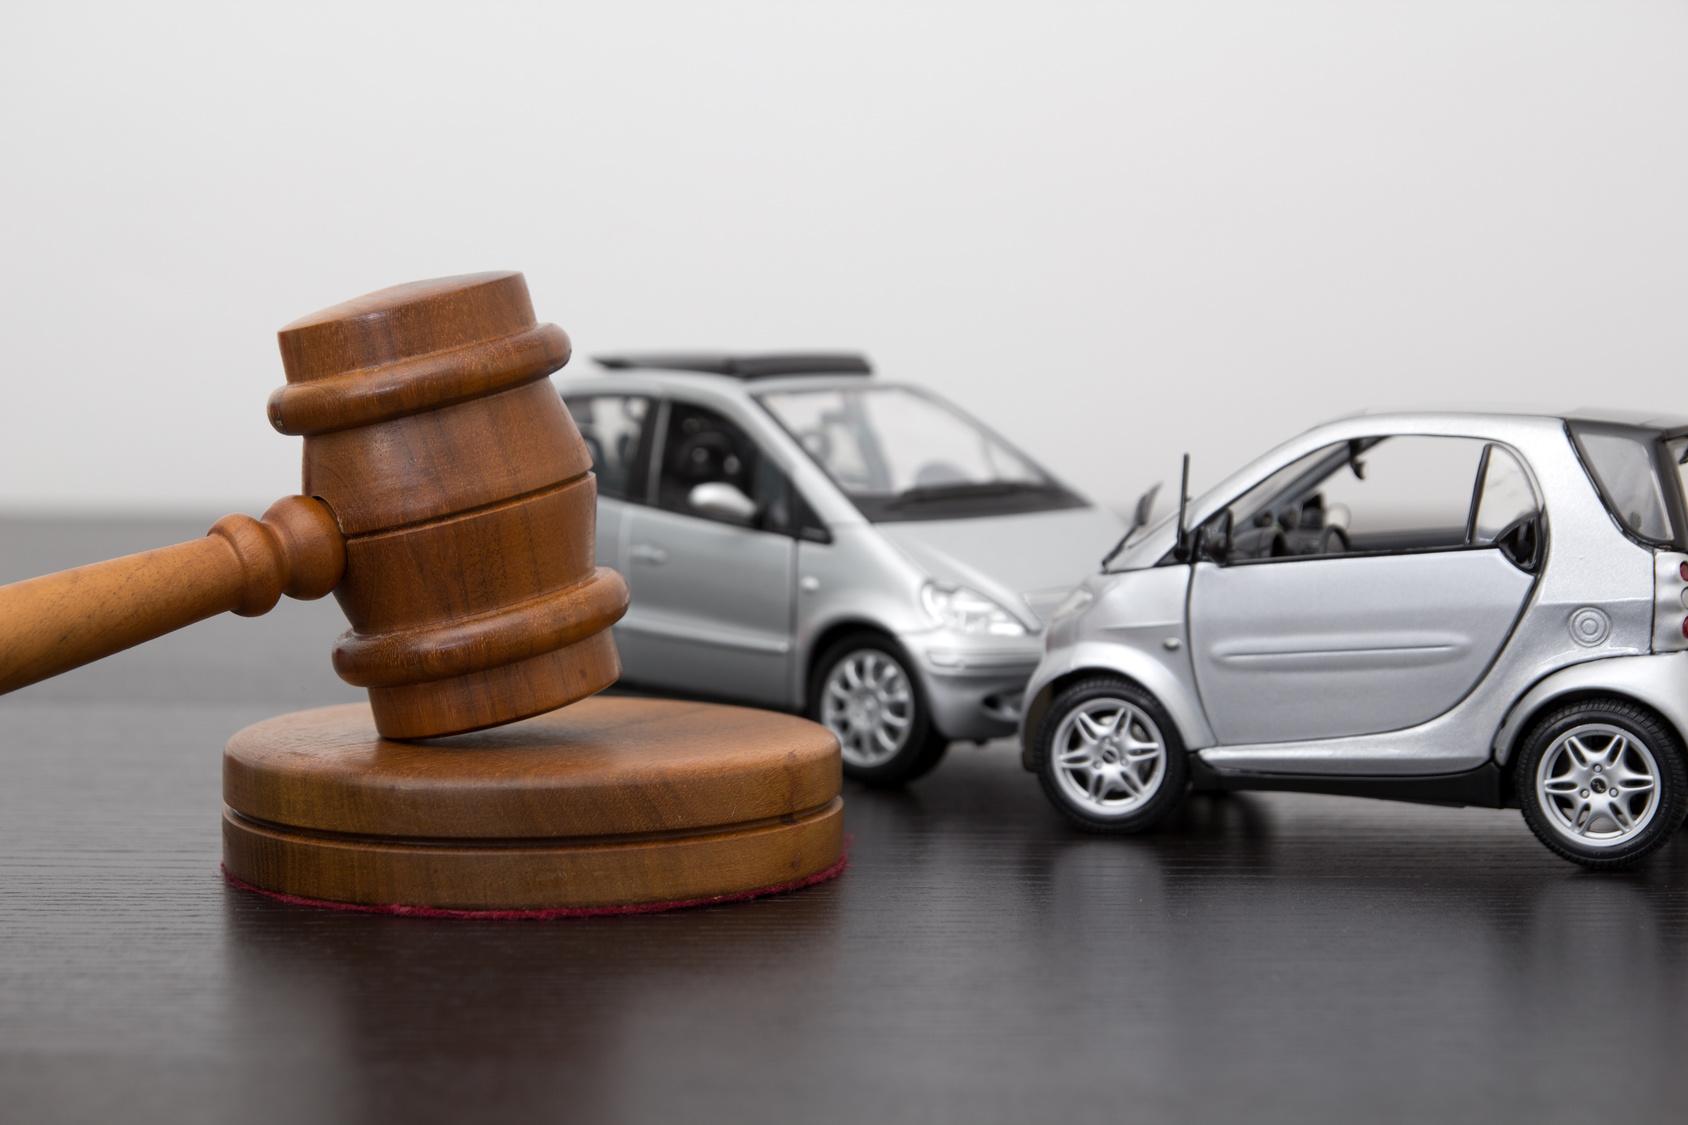 Как оспорить и обжаловать вину в ДТП в суде